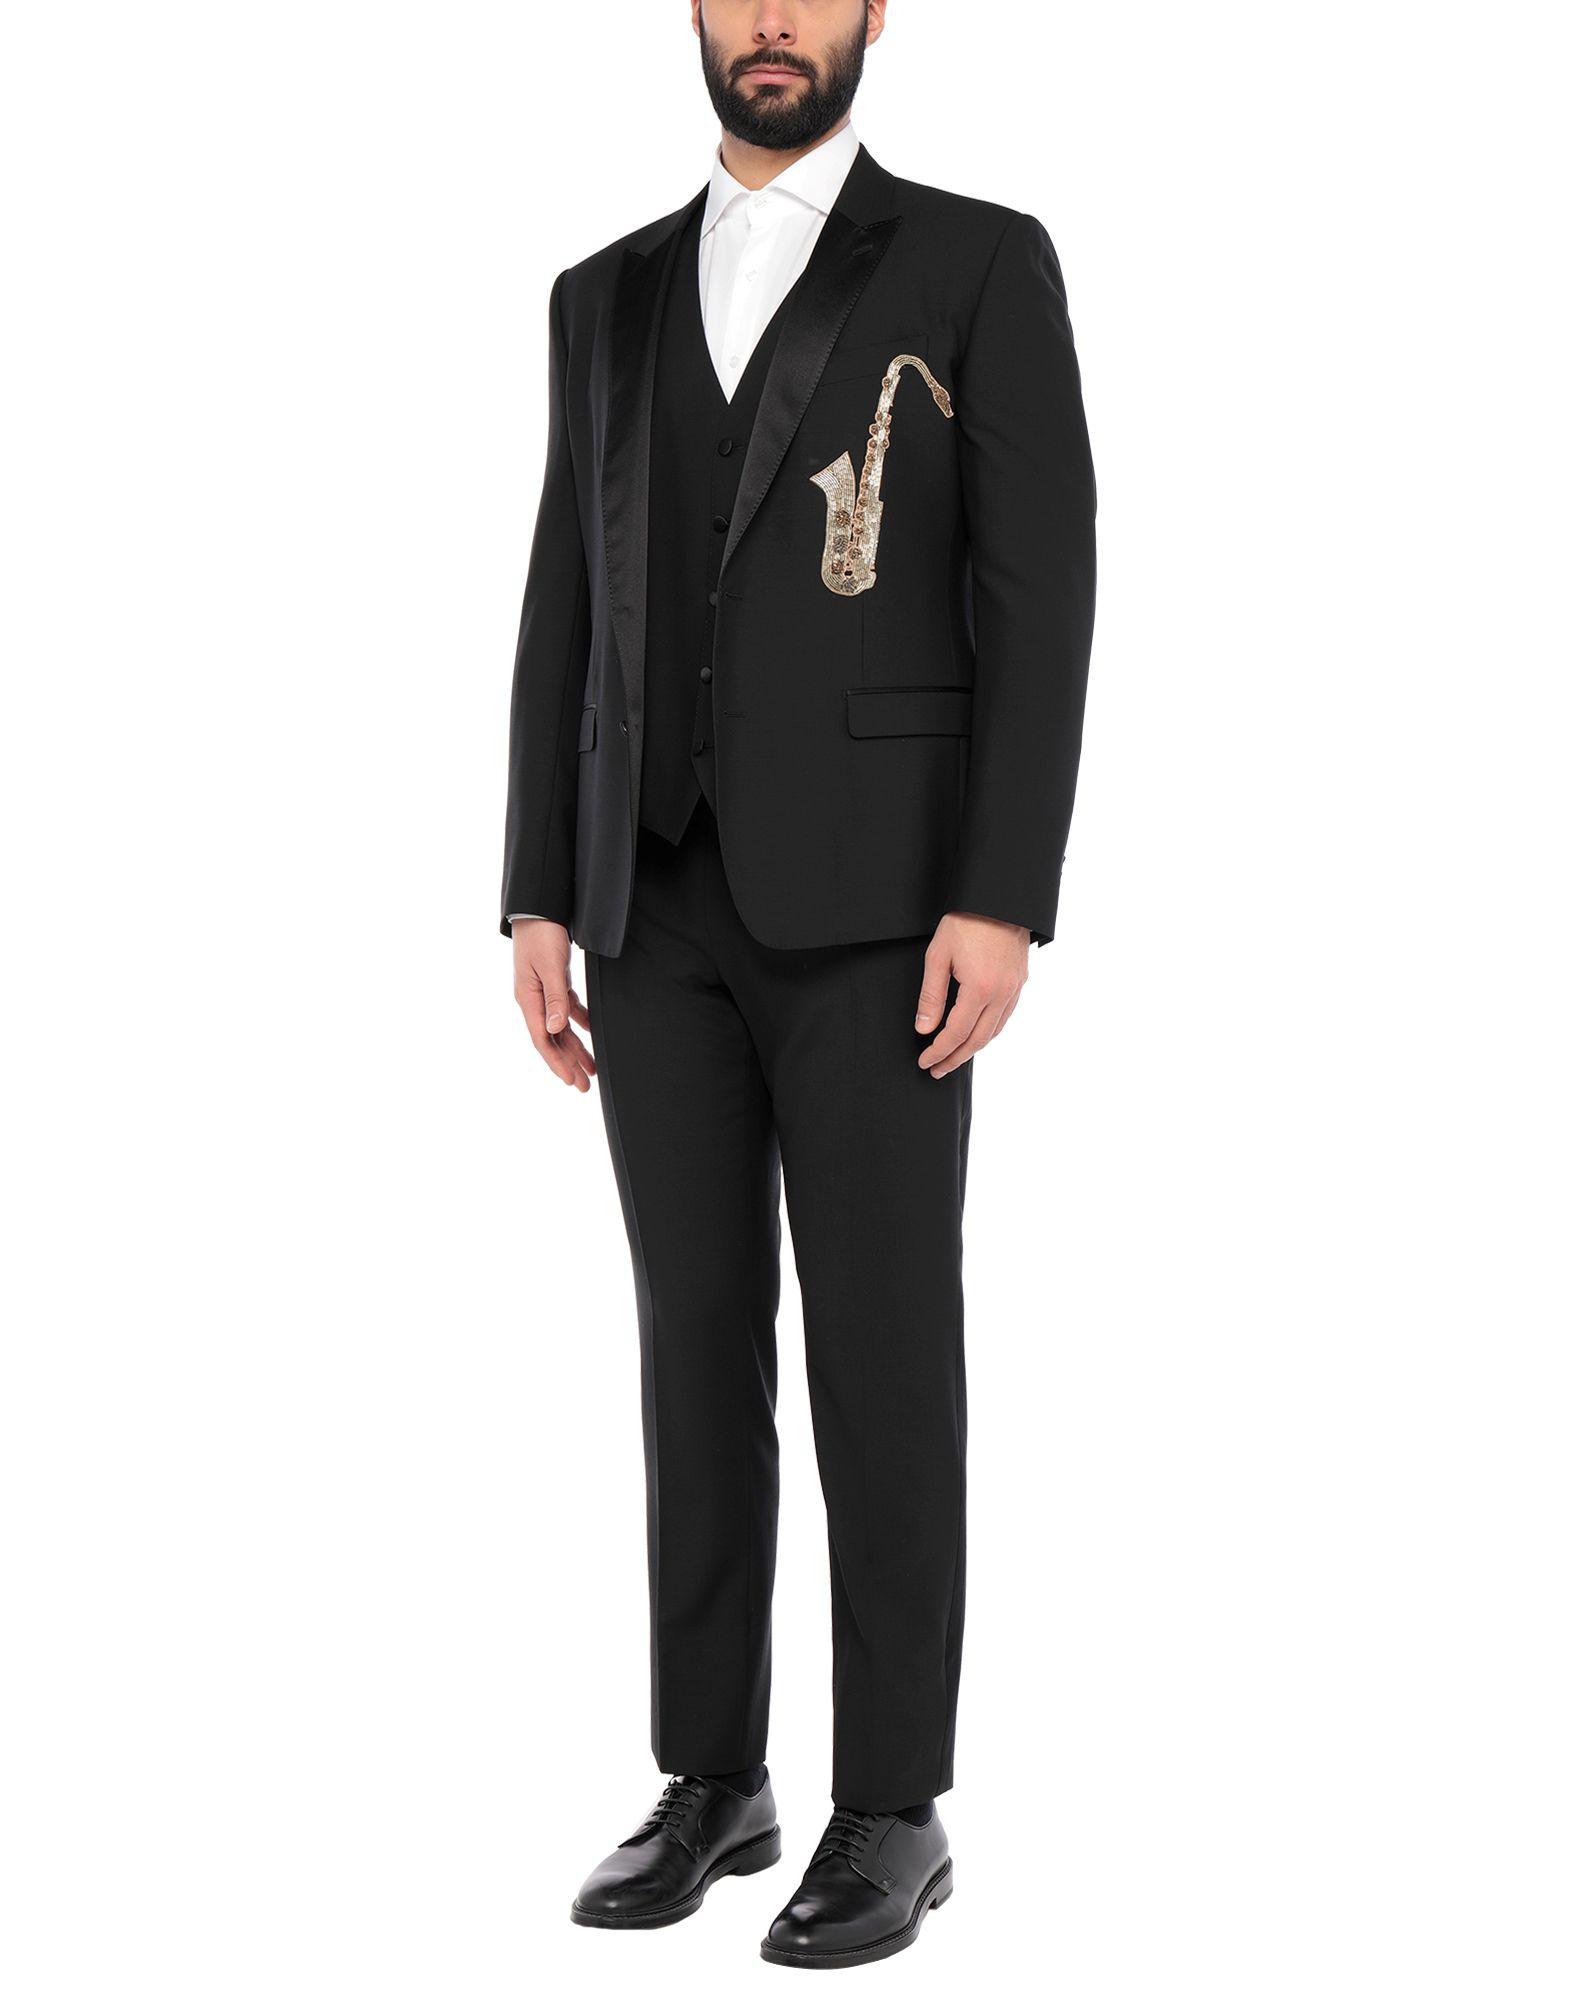 《セール開催中》DOLCE & GABBANA メンズ スーツ ブラック 46 バージンウール 90% / シルク 7% / ポリエステル 3% / ガラス